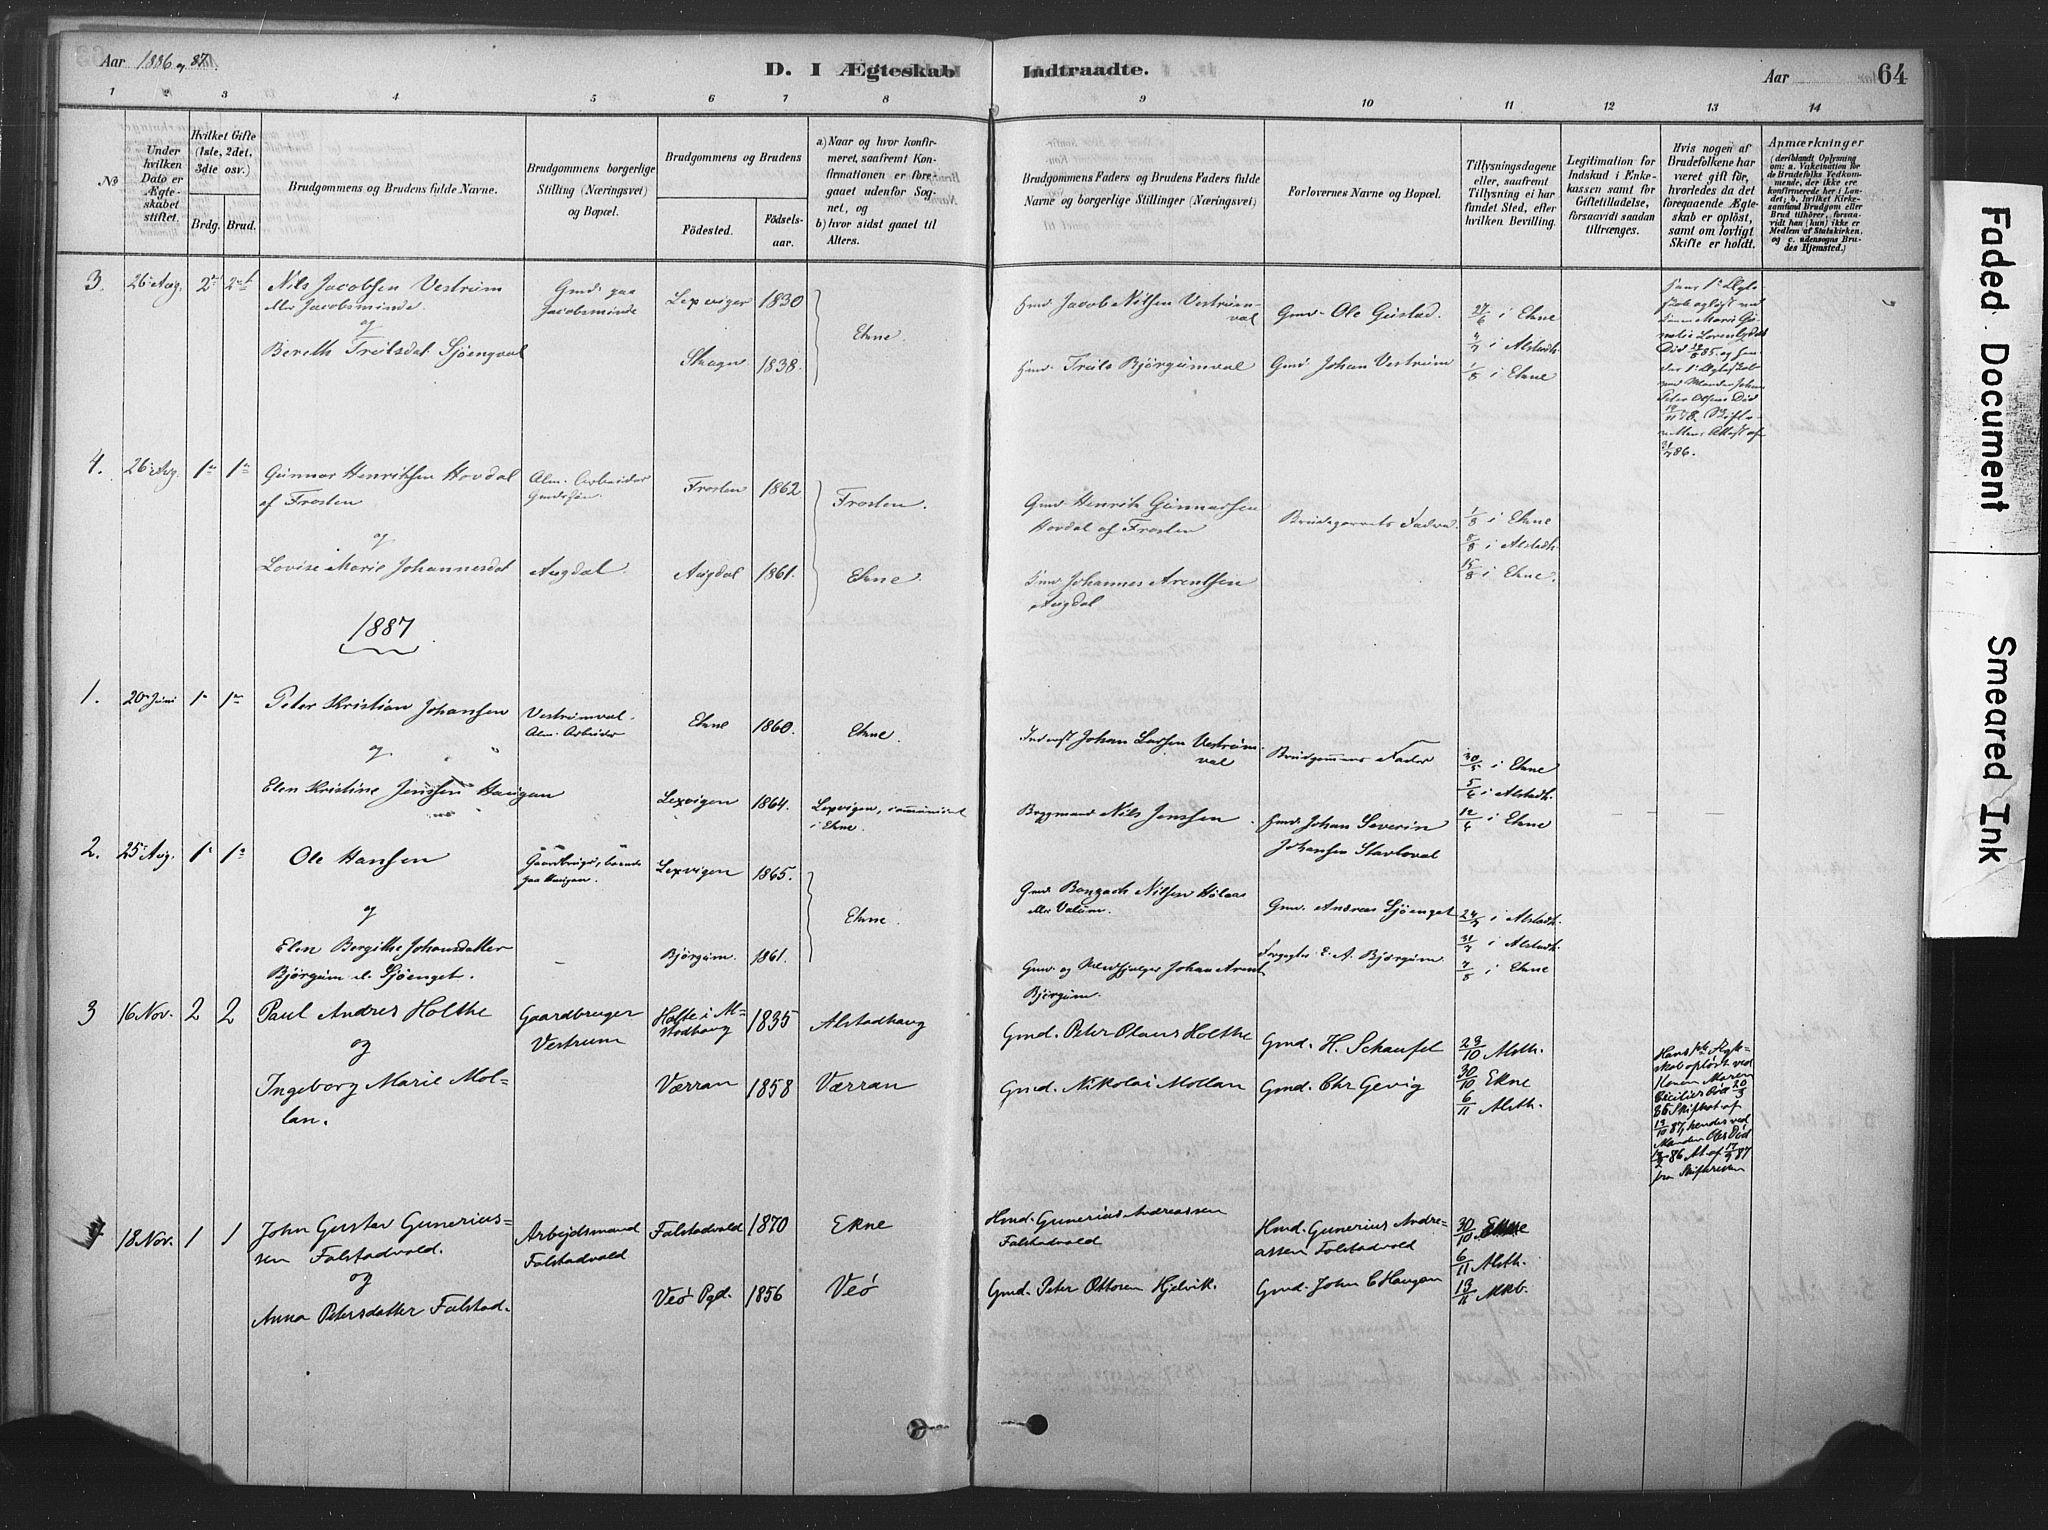 SAT, Ministerialprotokoller, klokkerbøker og fødselsregistre - Nord-Trøndelag, 719/L0178: Ministerialbok nr. 719A01, 1878-1900, s. 64